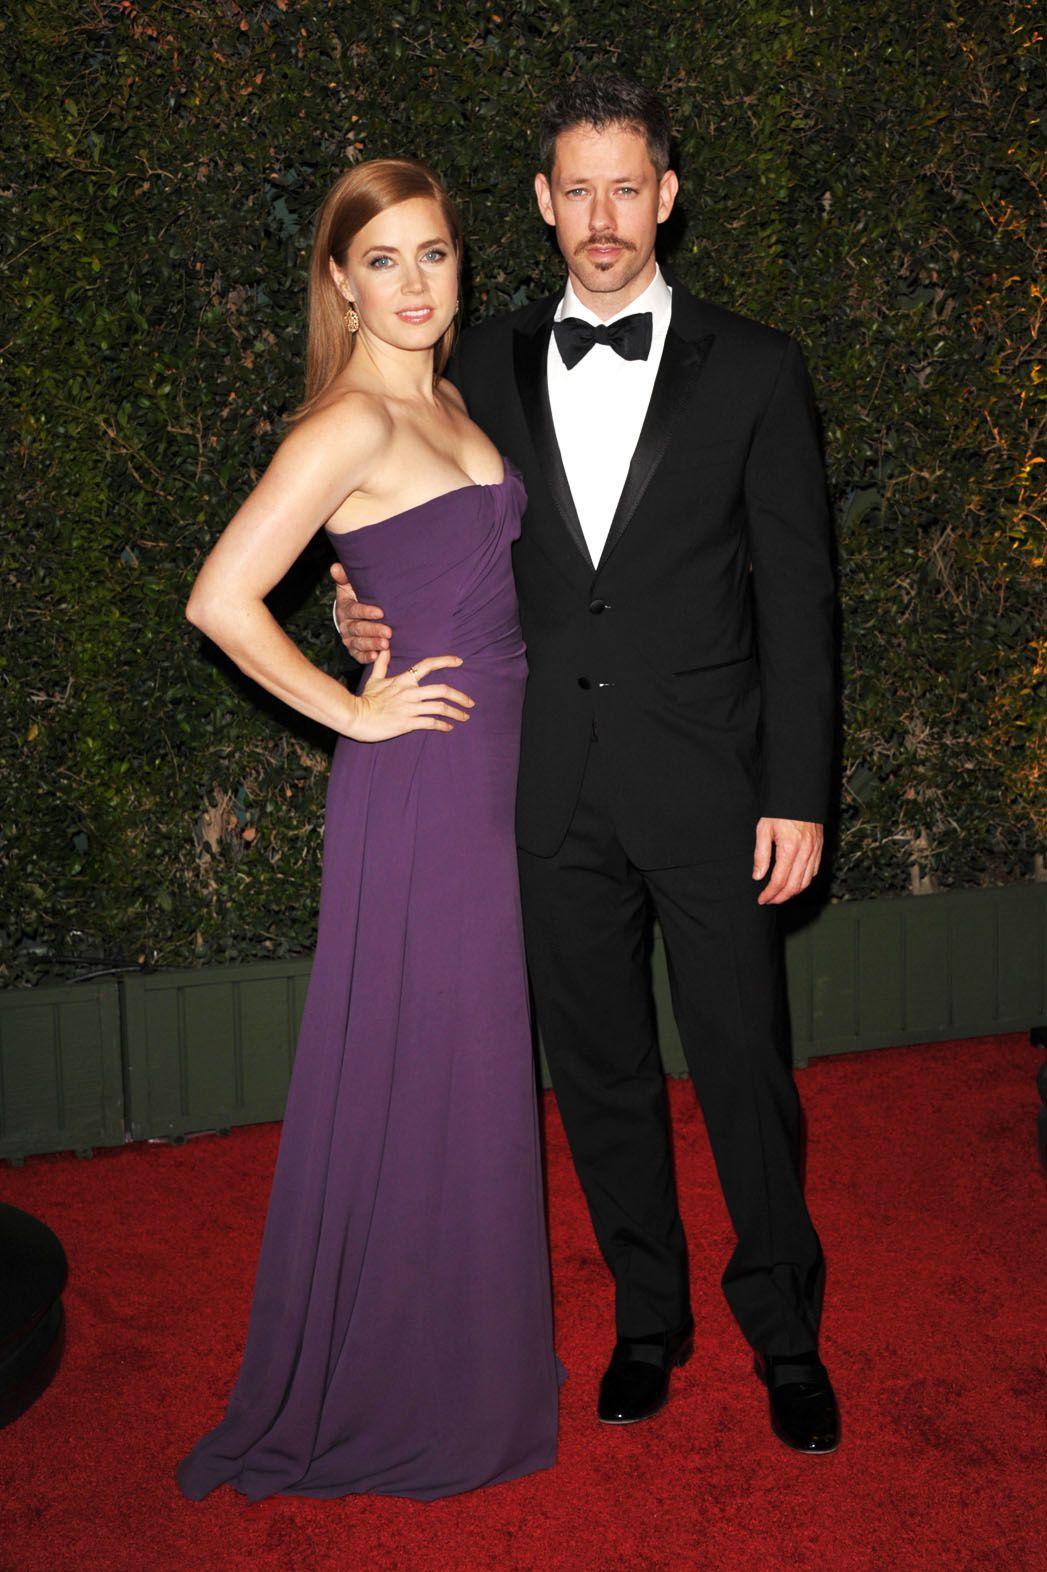 """Et oui, Amy Adams est bien une """"Femme de séries"""" car elle a débuté dans """"Buffy"""" où elle incarnait la cousine de Tara - © Jon Kopaloff/Getty Images"""